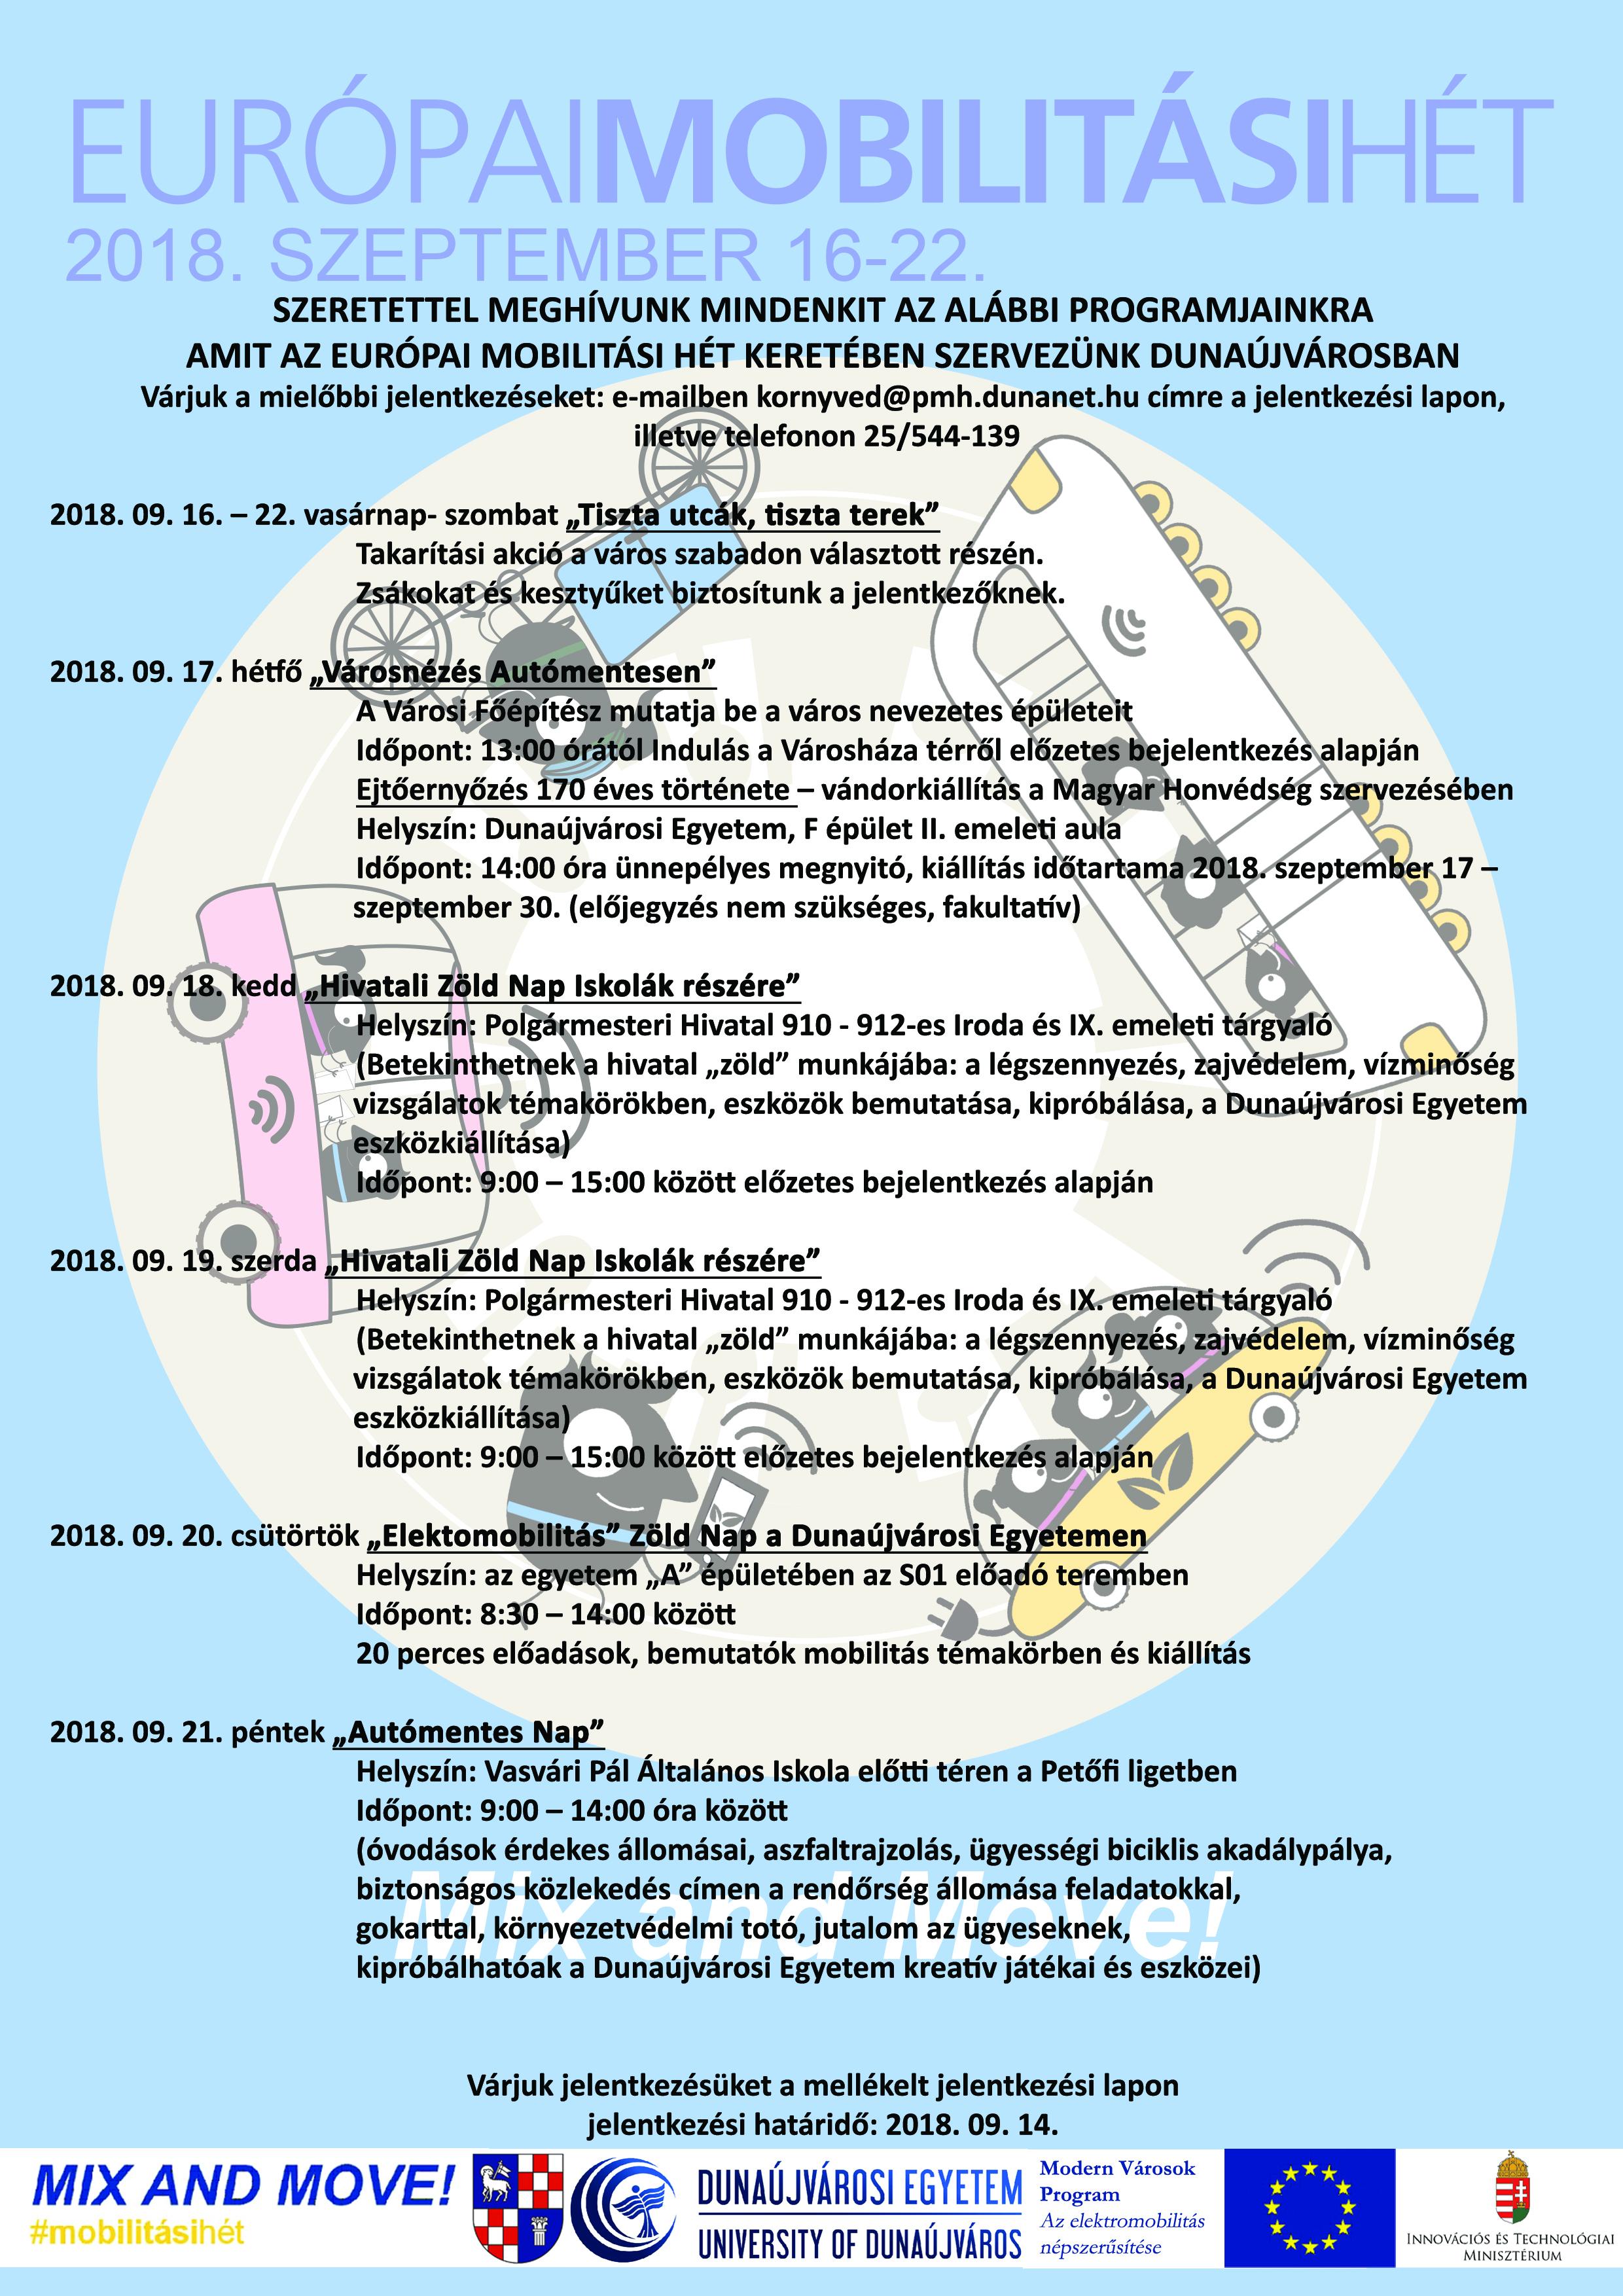 Európai Mobilitási Hét Dunaújvárosban  184663e50f